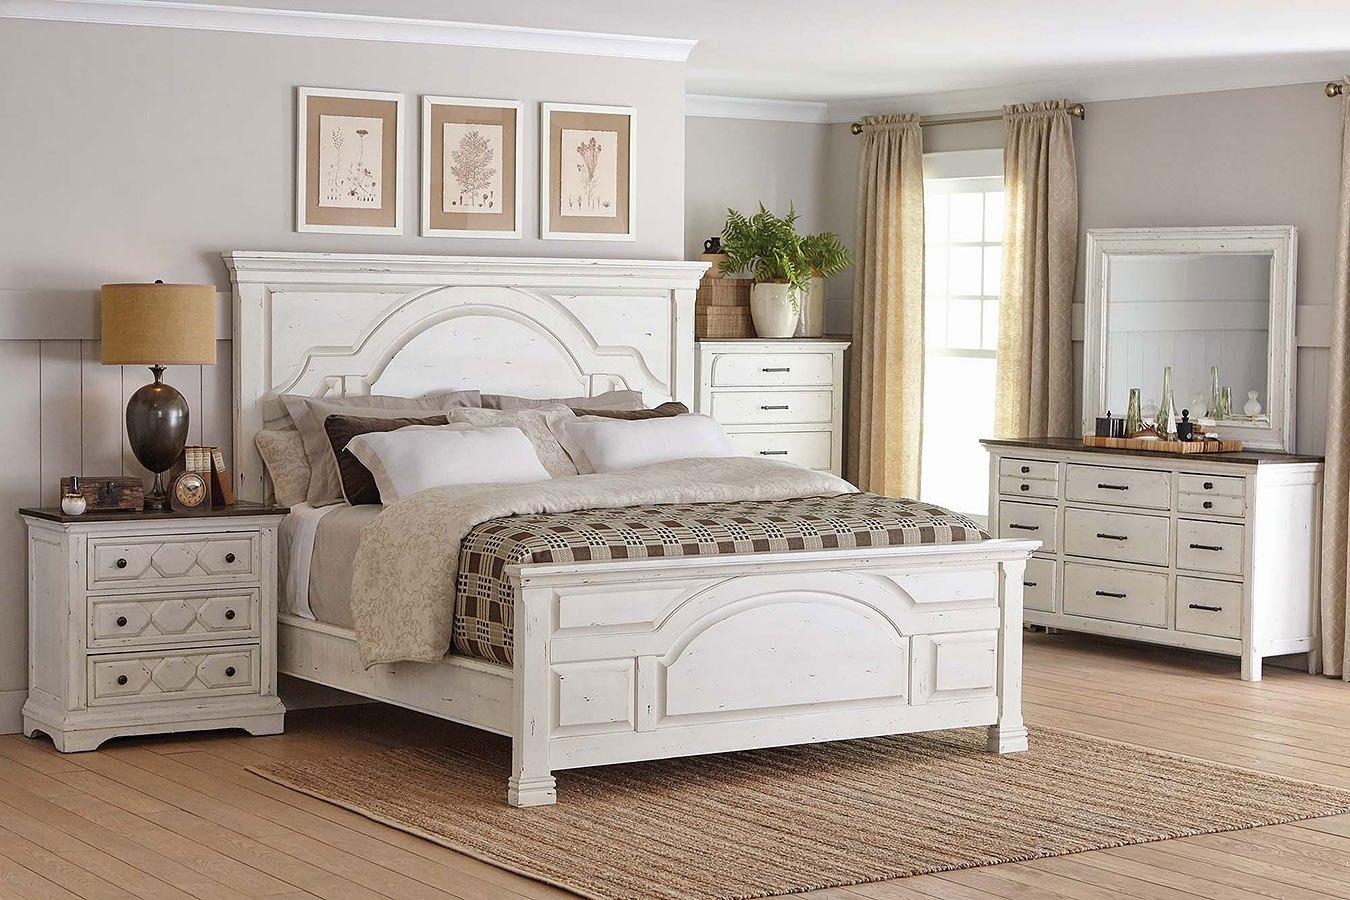 Celeste Panel Bedroom Set (Vintage White) By Coaster